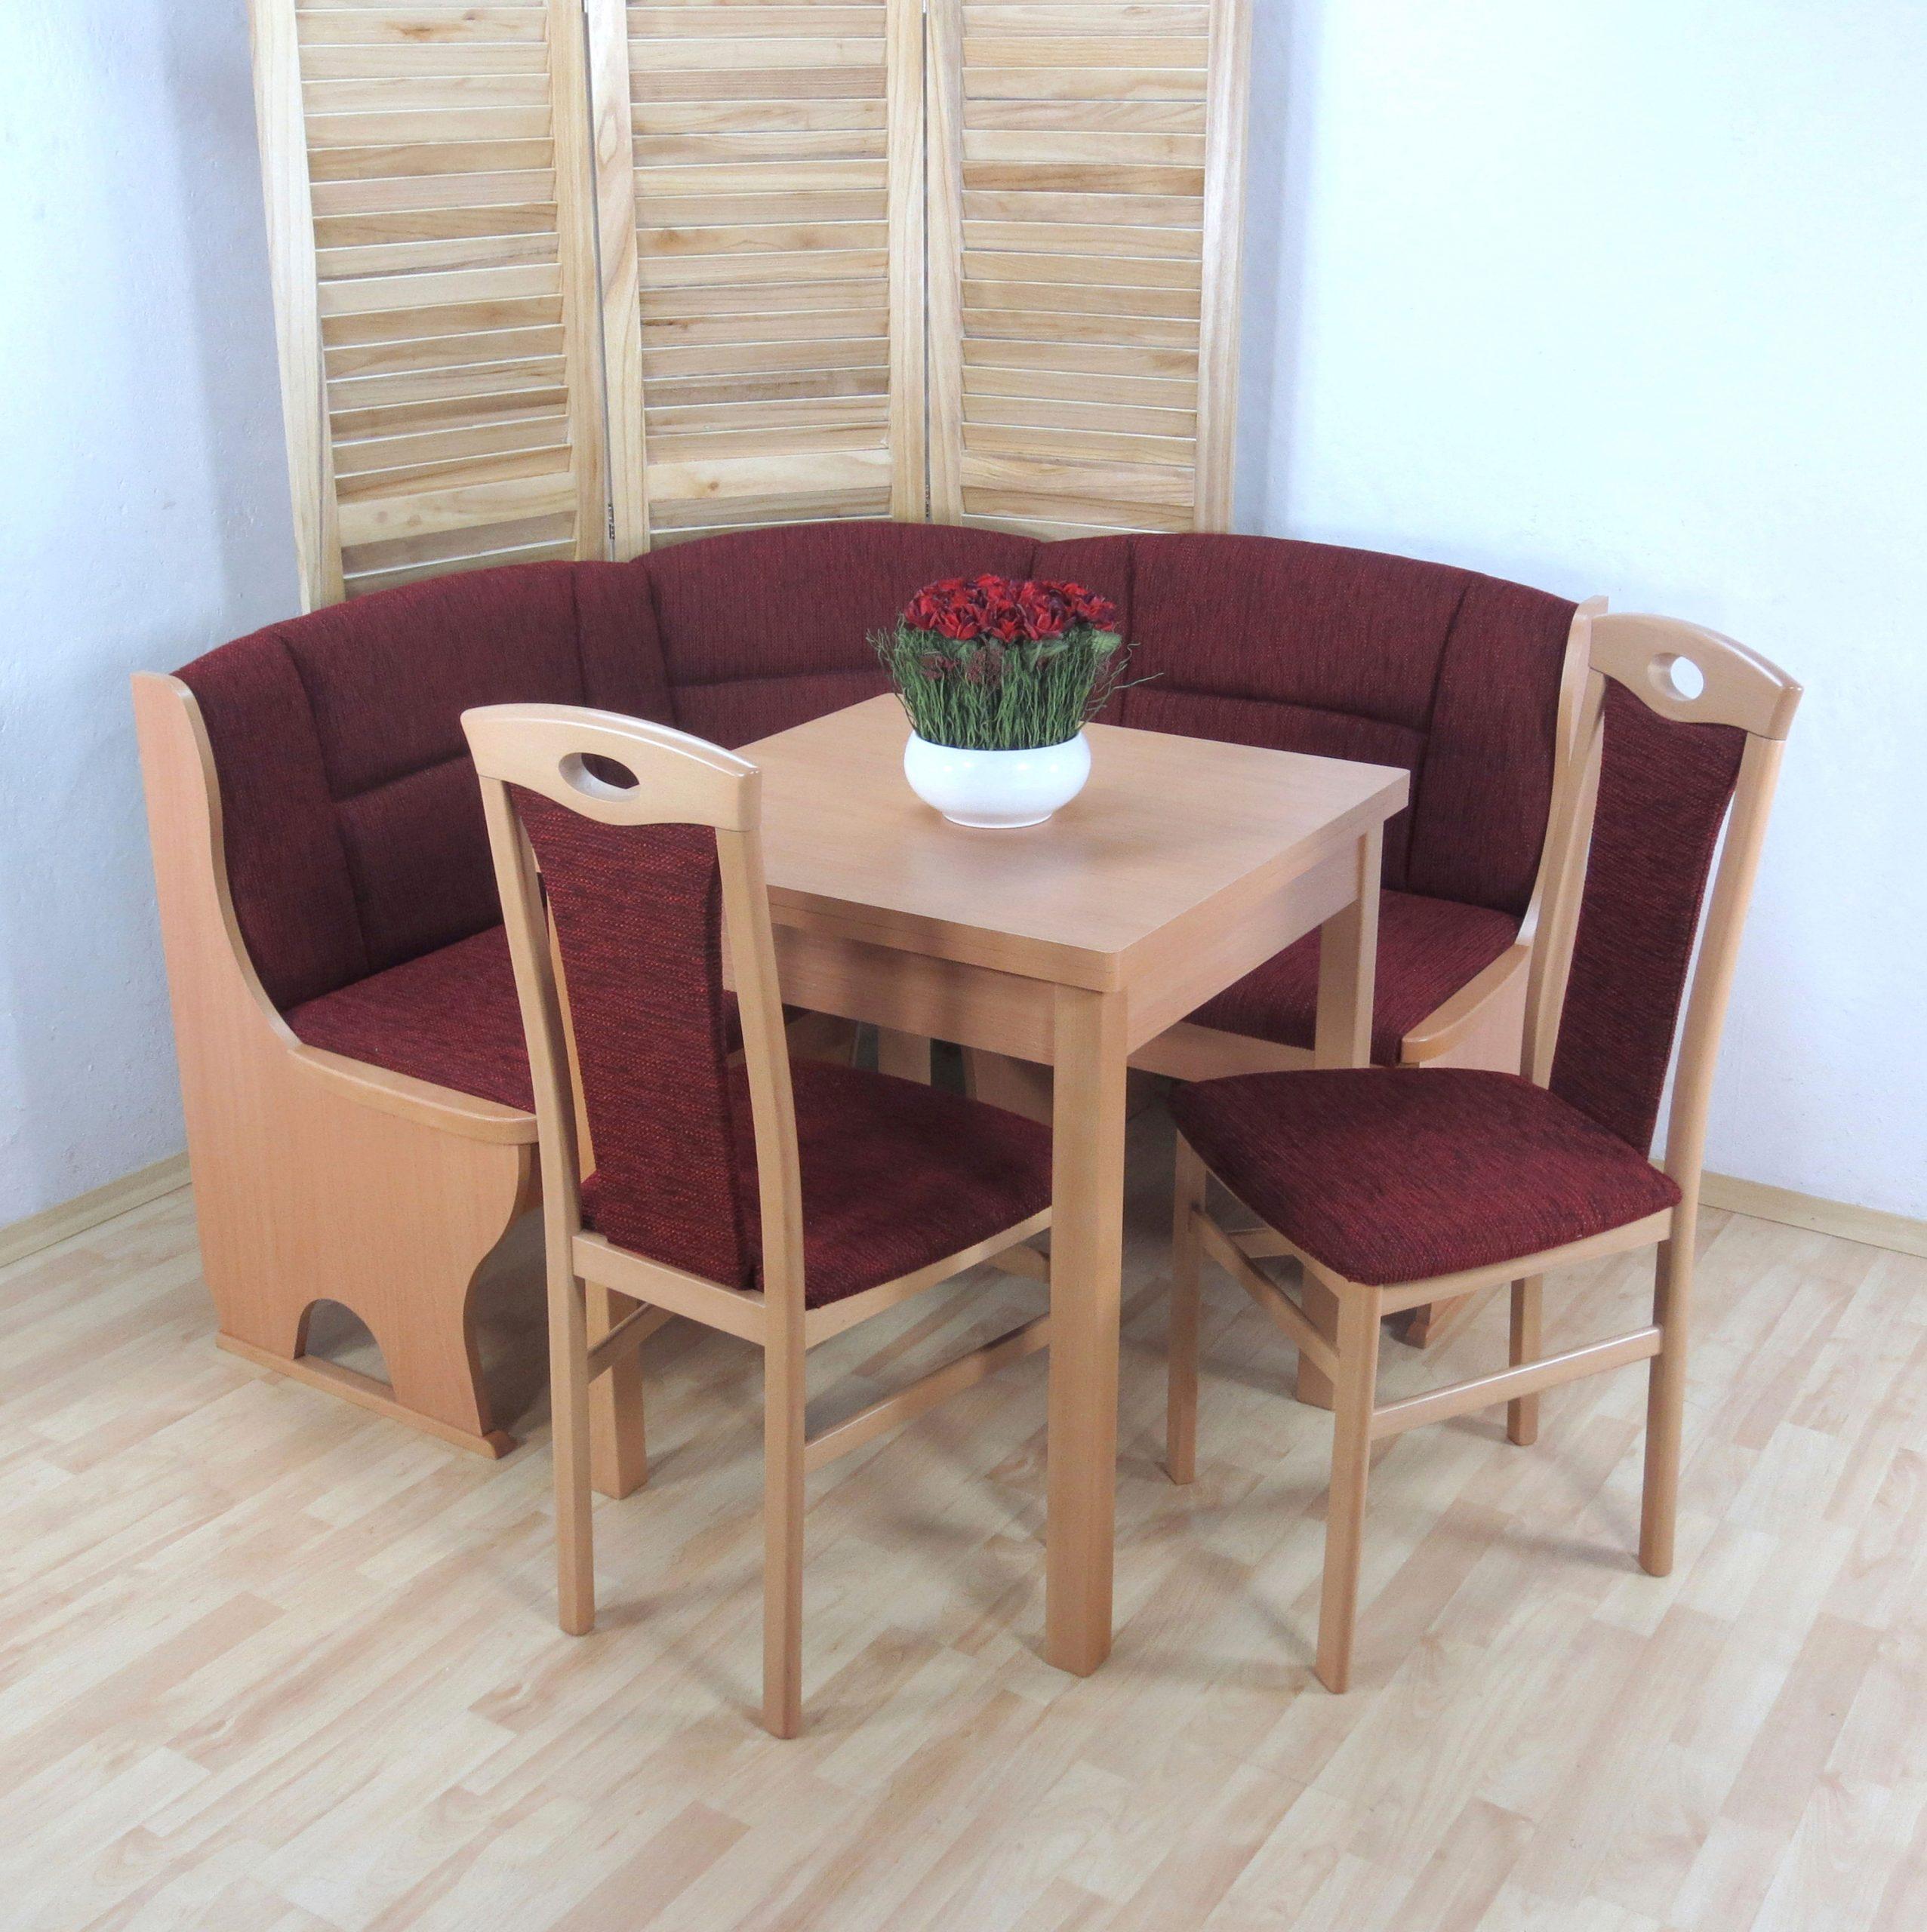 Full Size of Eckbank Küche Ikea Kuche Weiss Apothekerschrank Hochglanz Pendelleuchten Was Kostet Eine Weiße Fliesenspiegel Selber Machen Deko Für Modul Möbelgriffe Wohnzimmer Eckbank Küche Ikea